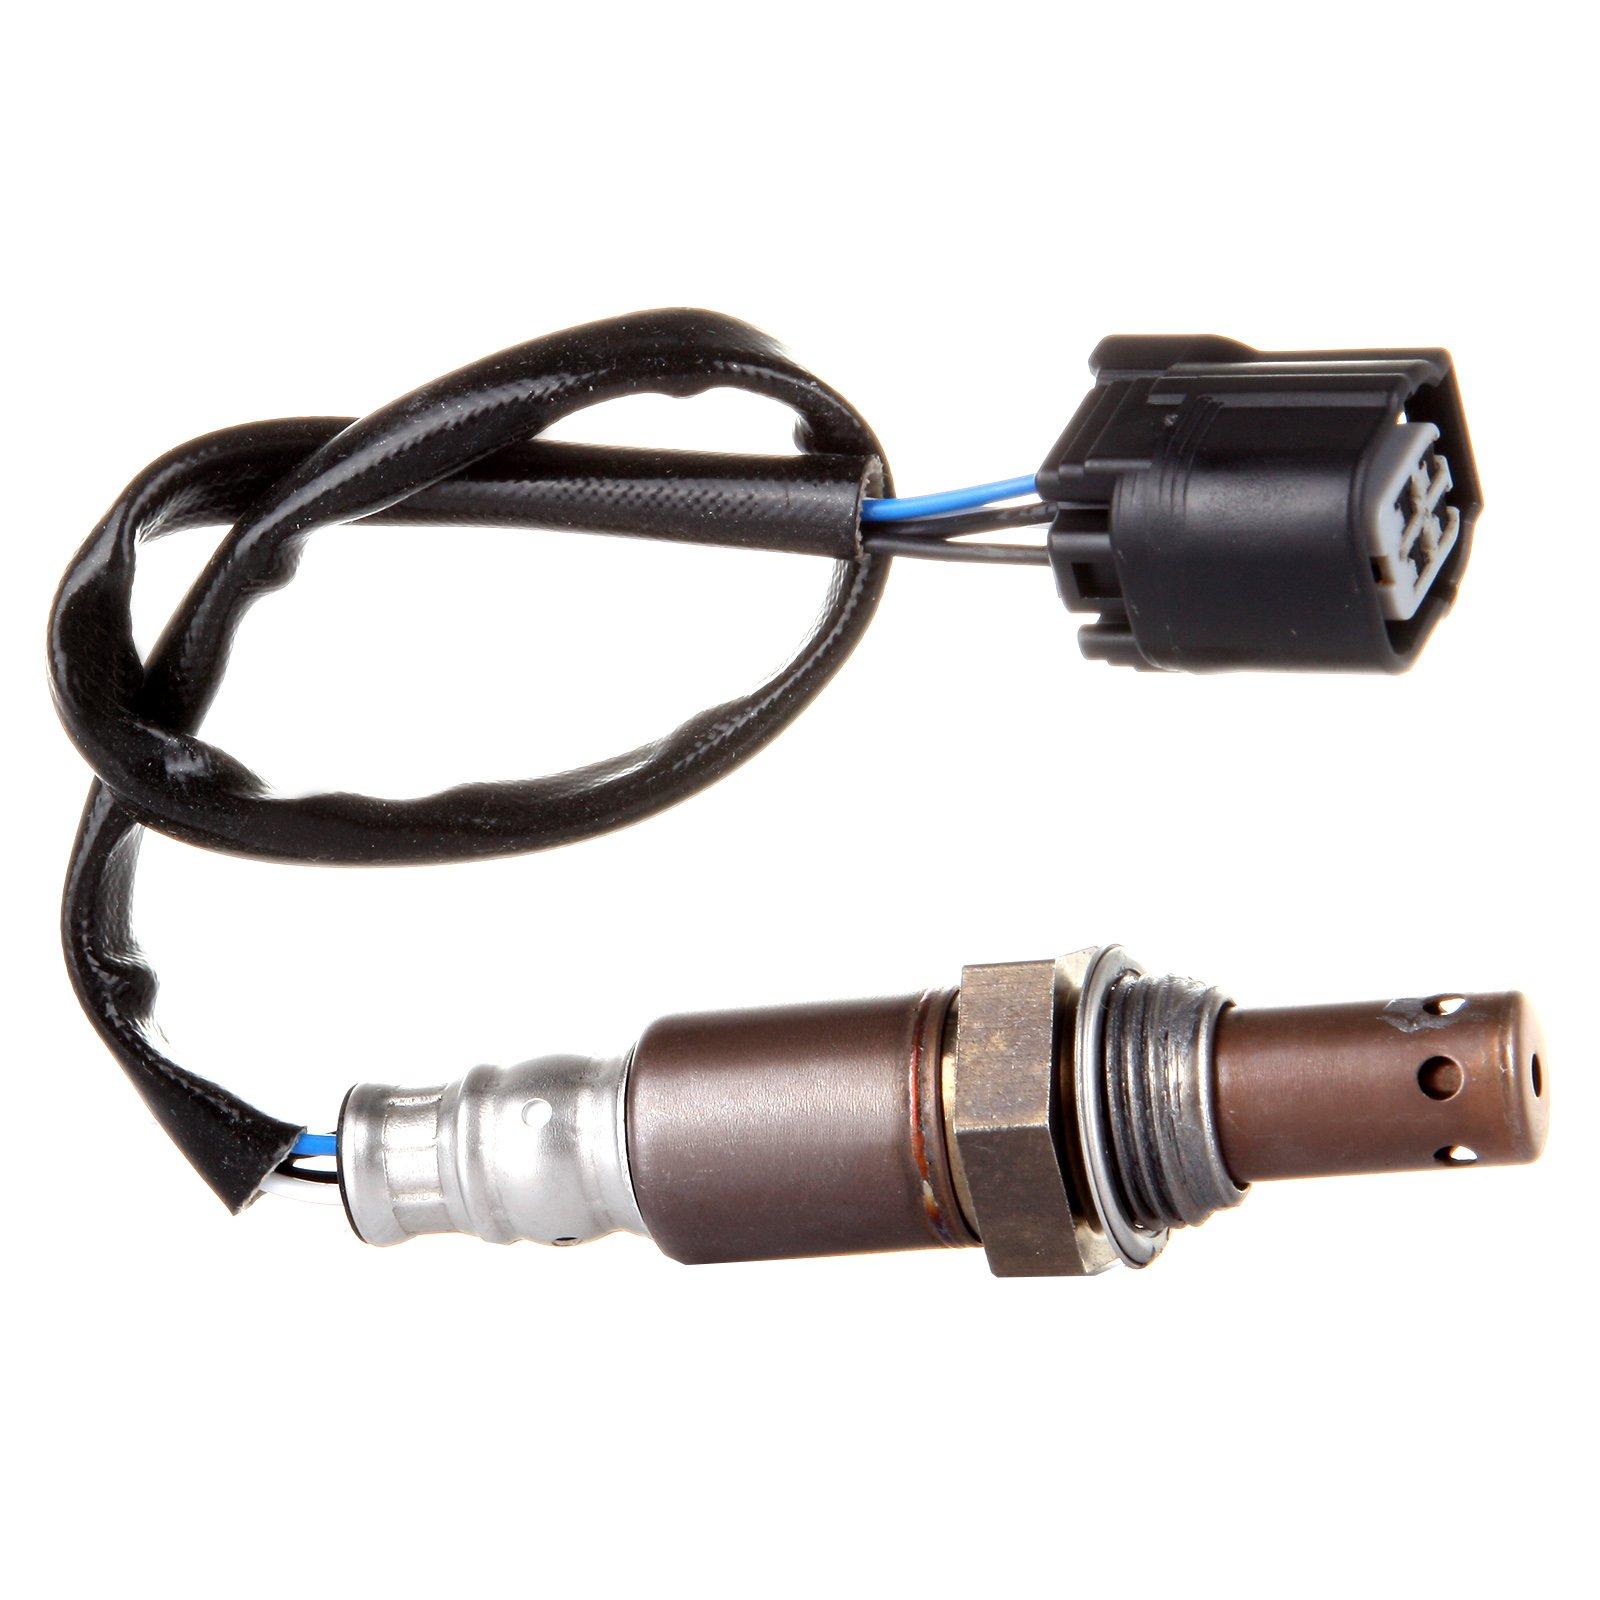 ECCPP Air Fuel Ratio Sensor Oxygen Sensor Upstream Fit 234-9062 for 2006-2011AcuraCSX/HondaCivic Sedan 2.0L 2007-2008 Honda Fit Hatchback 1.5L by ECCPP